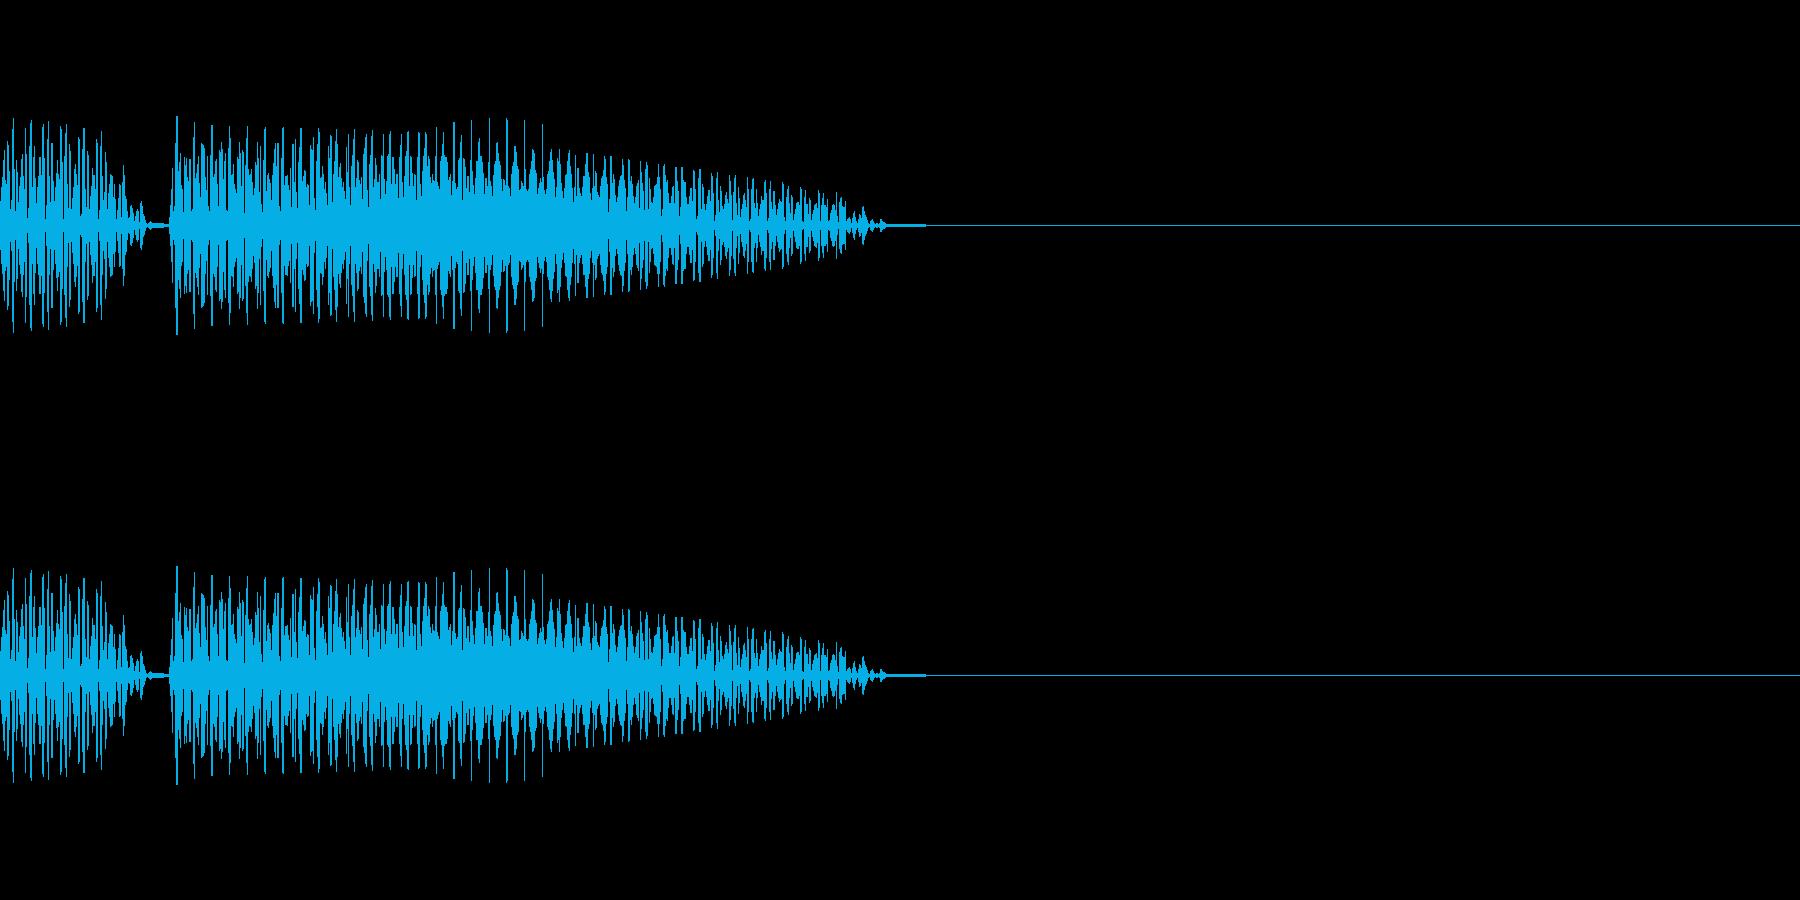 ブブー(クイズ不正解音、ハズレの音)の再生済みの波形